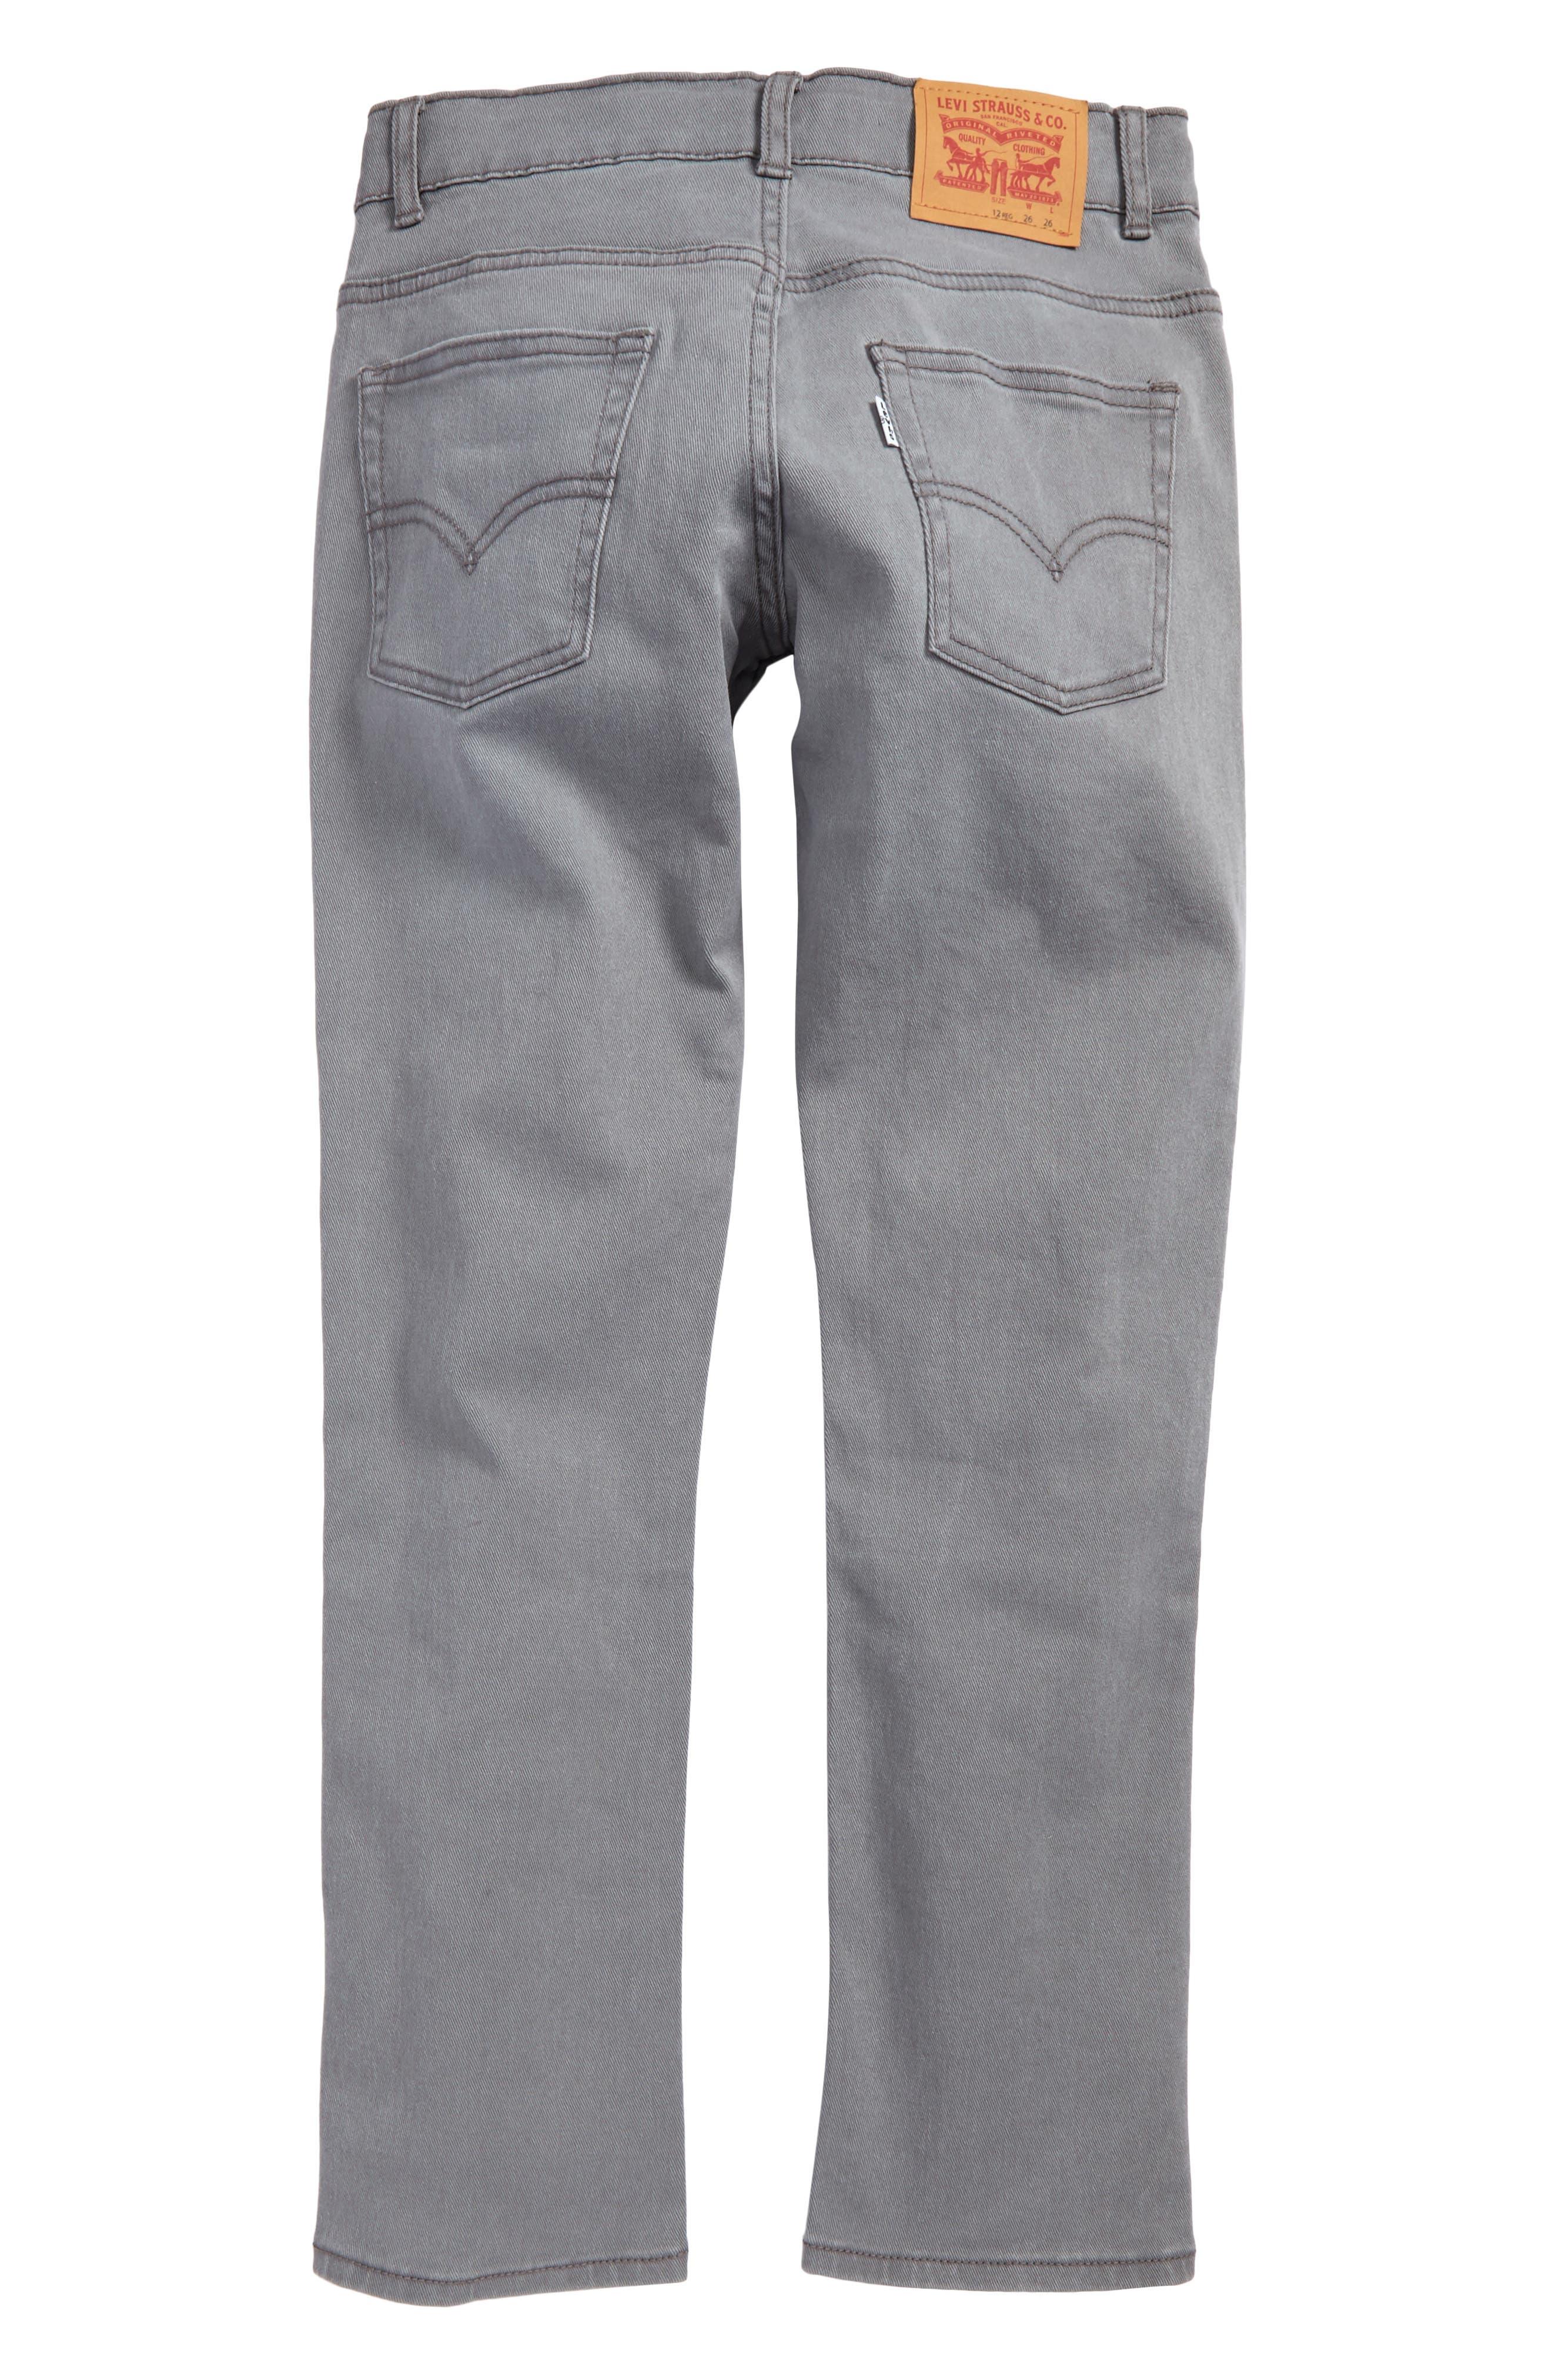 511 Slim Fit Jeans,                             Alternate thumbnail 2, color,                             020